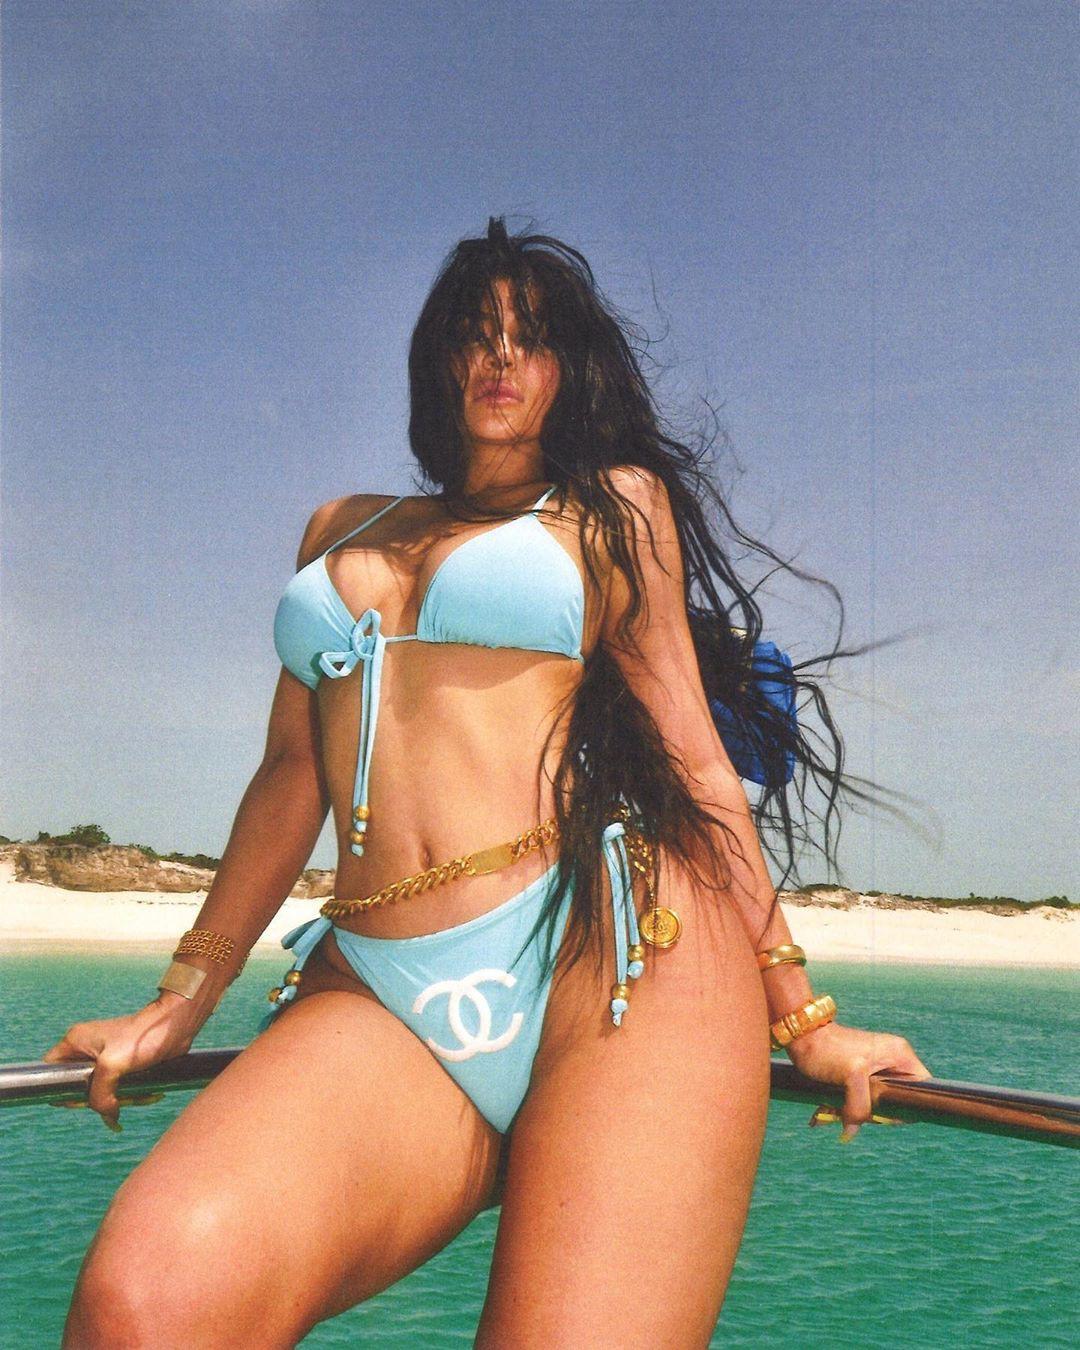 Khoe hết cỡ body gái một con trông mòn con mắt, sắc vóc và thần thái của Kylie Jenner đã đạt đến ngưỡng đỉnh cao - Ảnh 1.